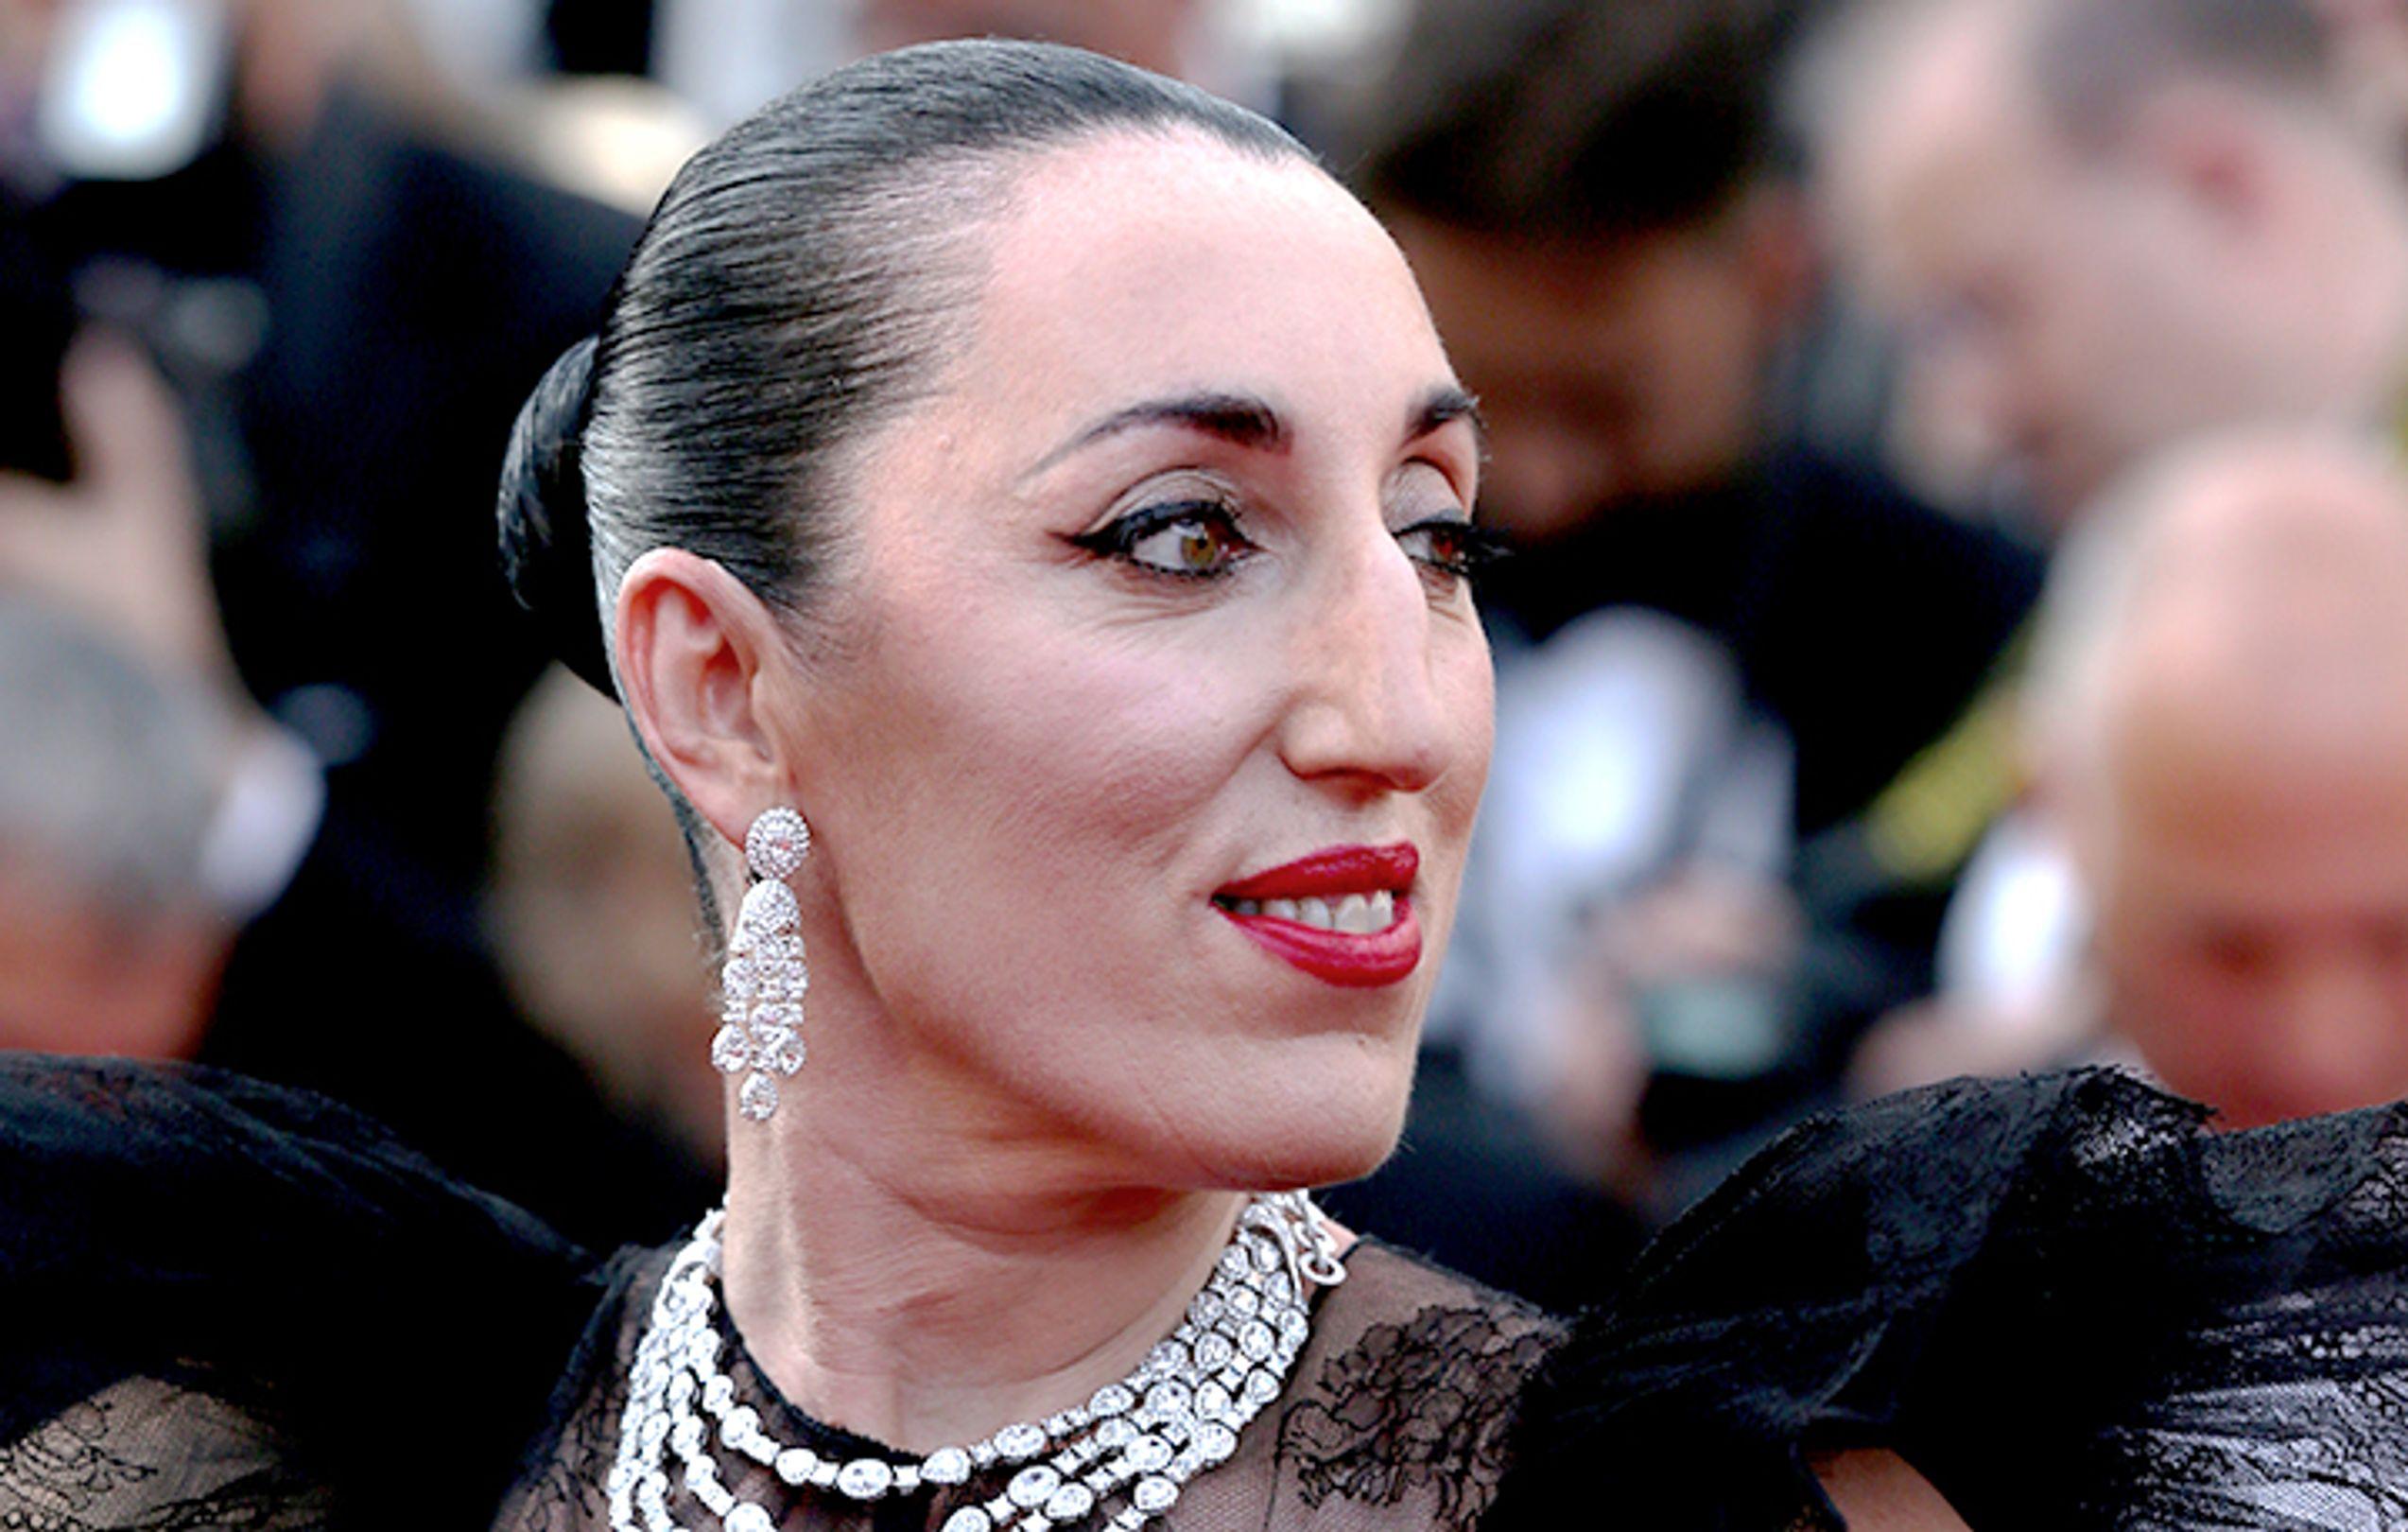 """ENCUENTRO - Rossy de Palma: """"Prefiero concentrarme en la belleza de las cosas"""" - Festival de Cannes"""